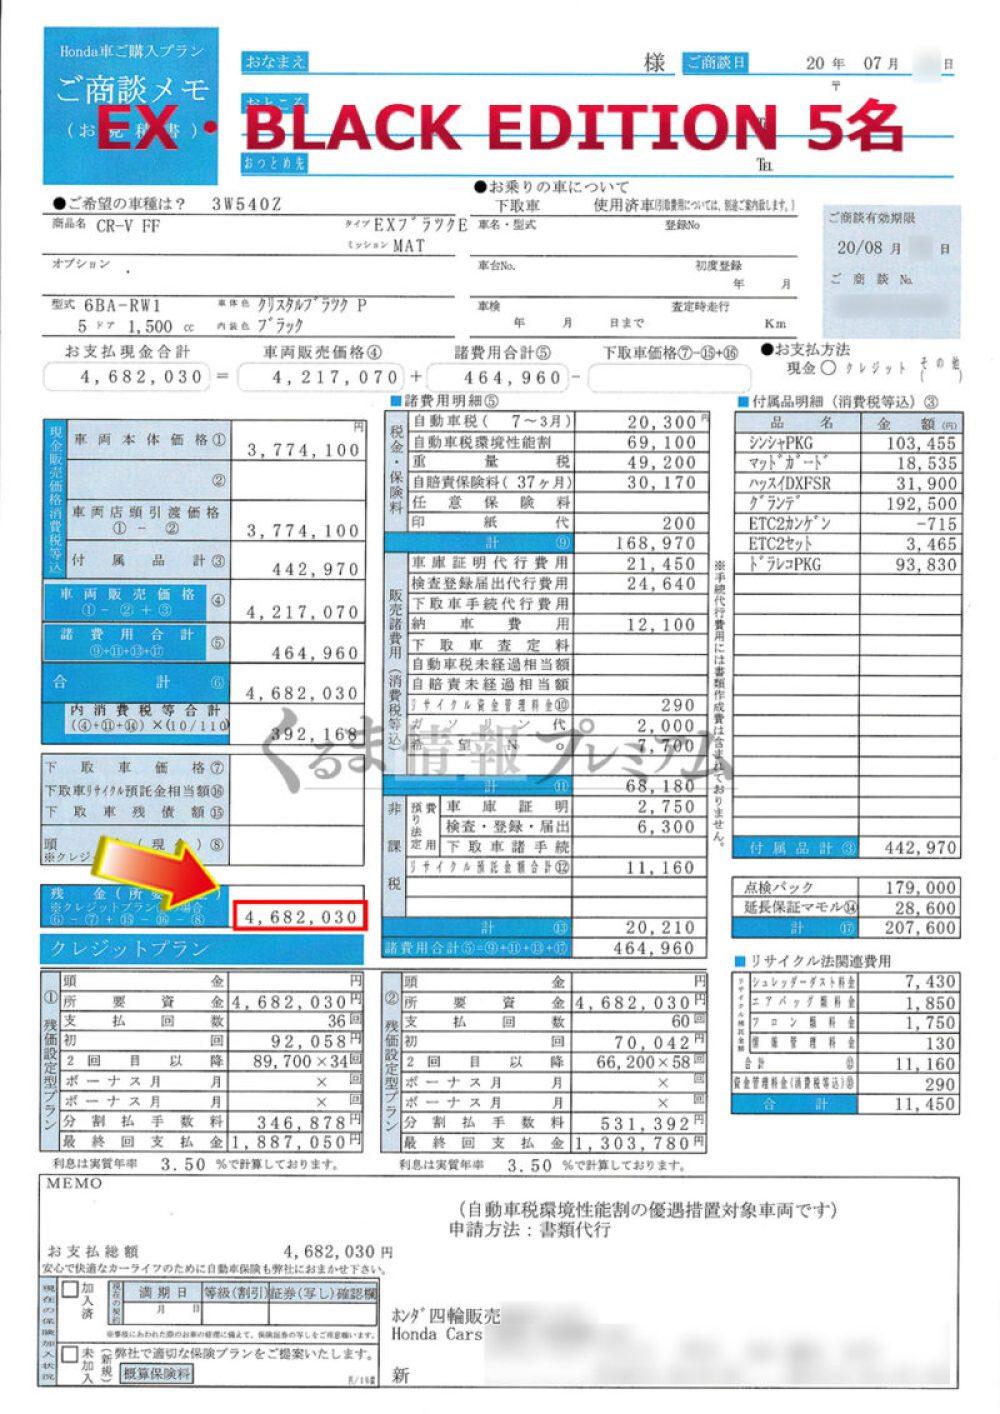 CR-V EX・BLACK EDITION 5名見積書